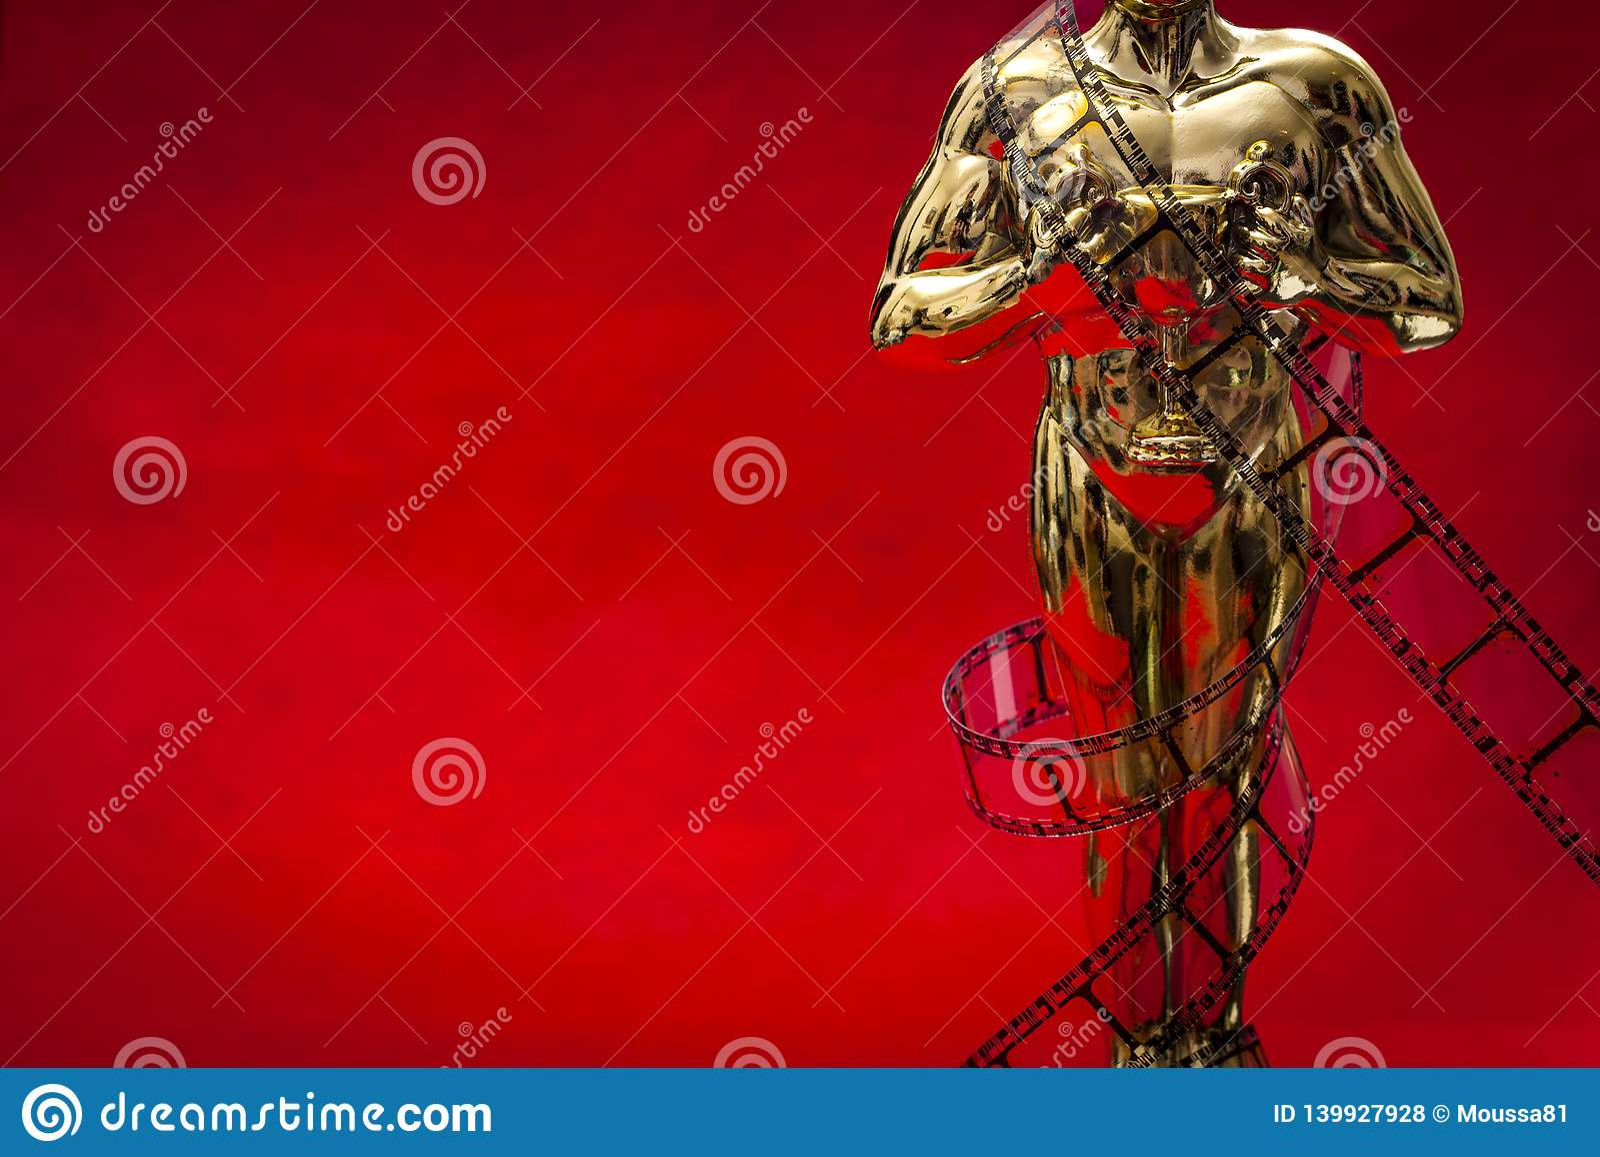 Концепция наград фильма Голливуд с сияющей металлической наградой фильма в оболочке в прокладке фильма целлулоида на красном ковр